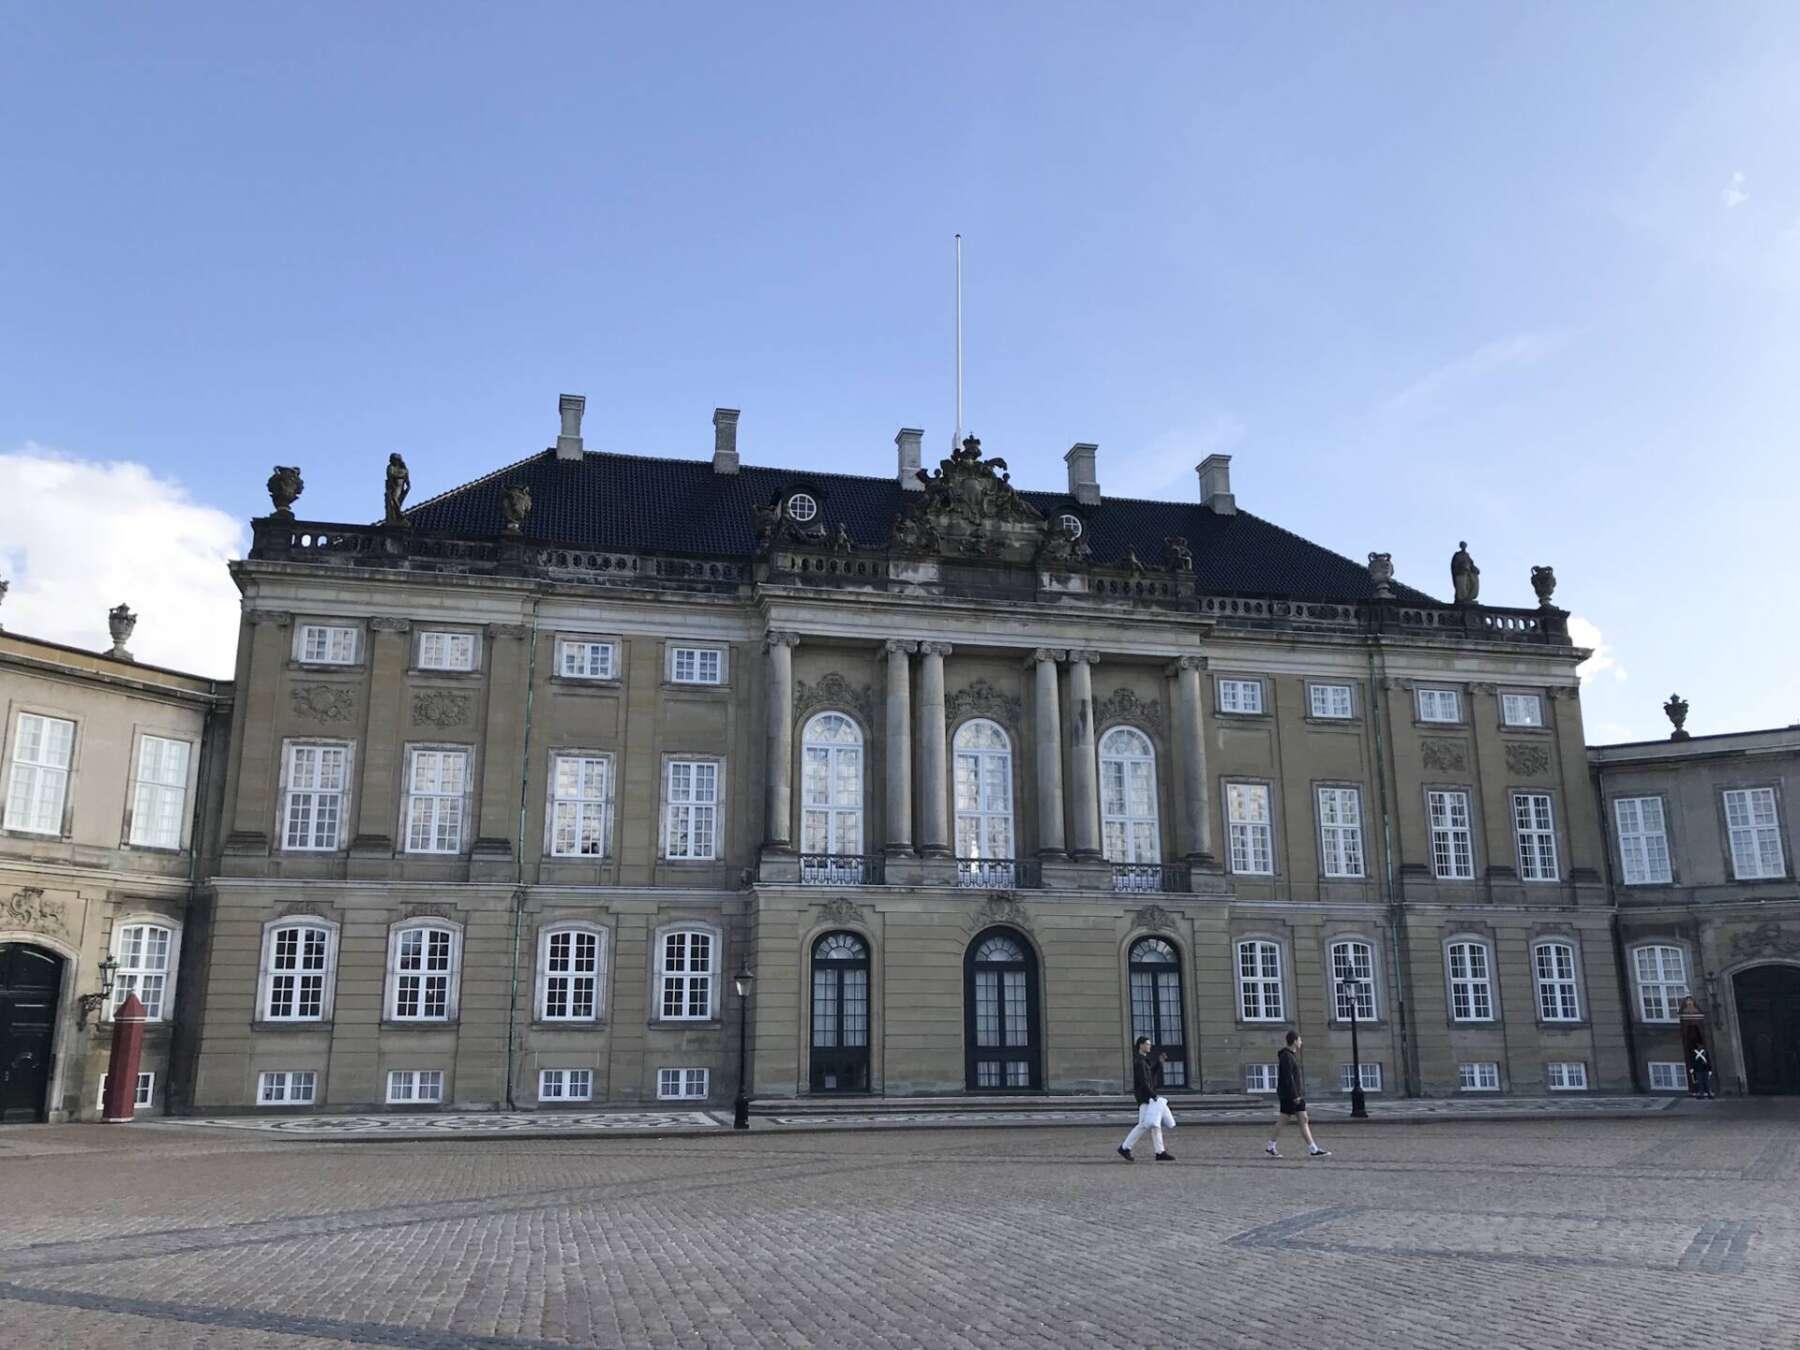 พระราชวังอมาเลียนบอร์ก (Amalienborg Palace)